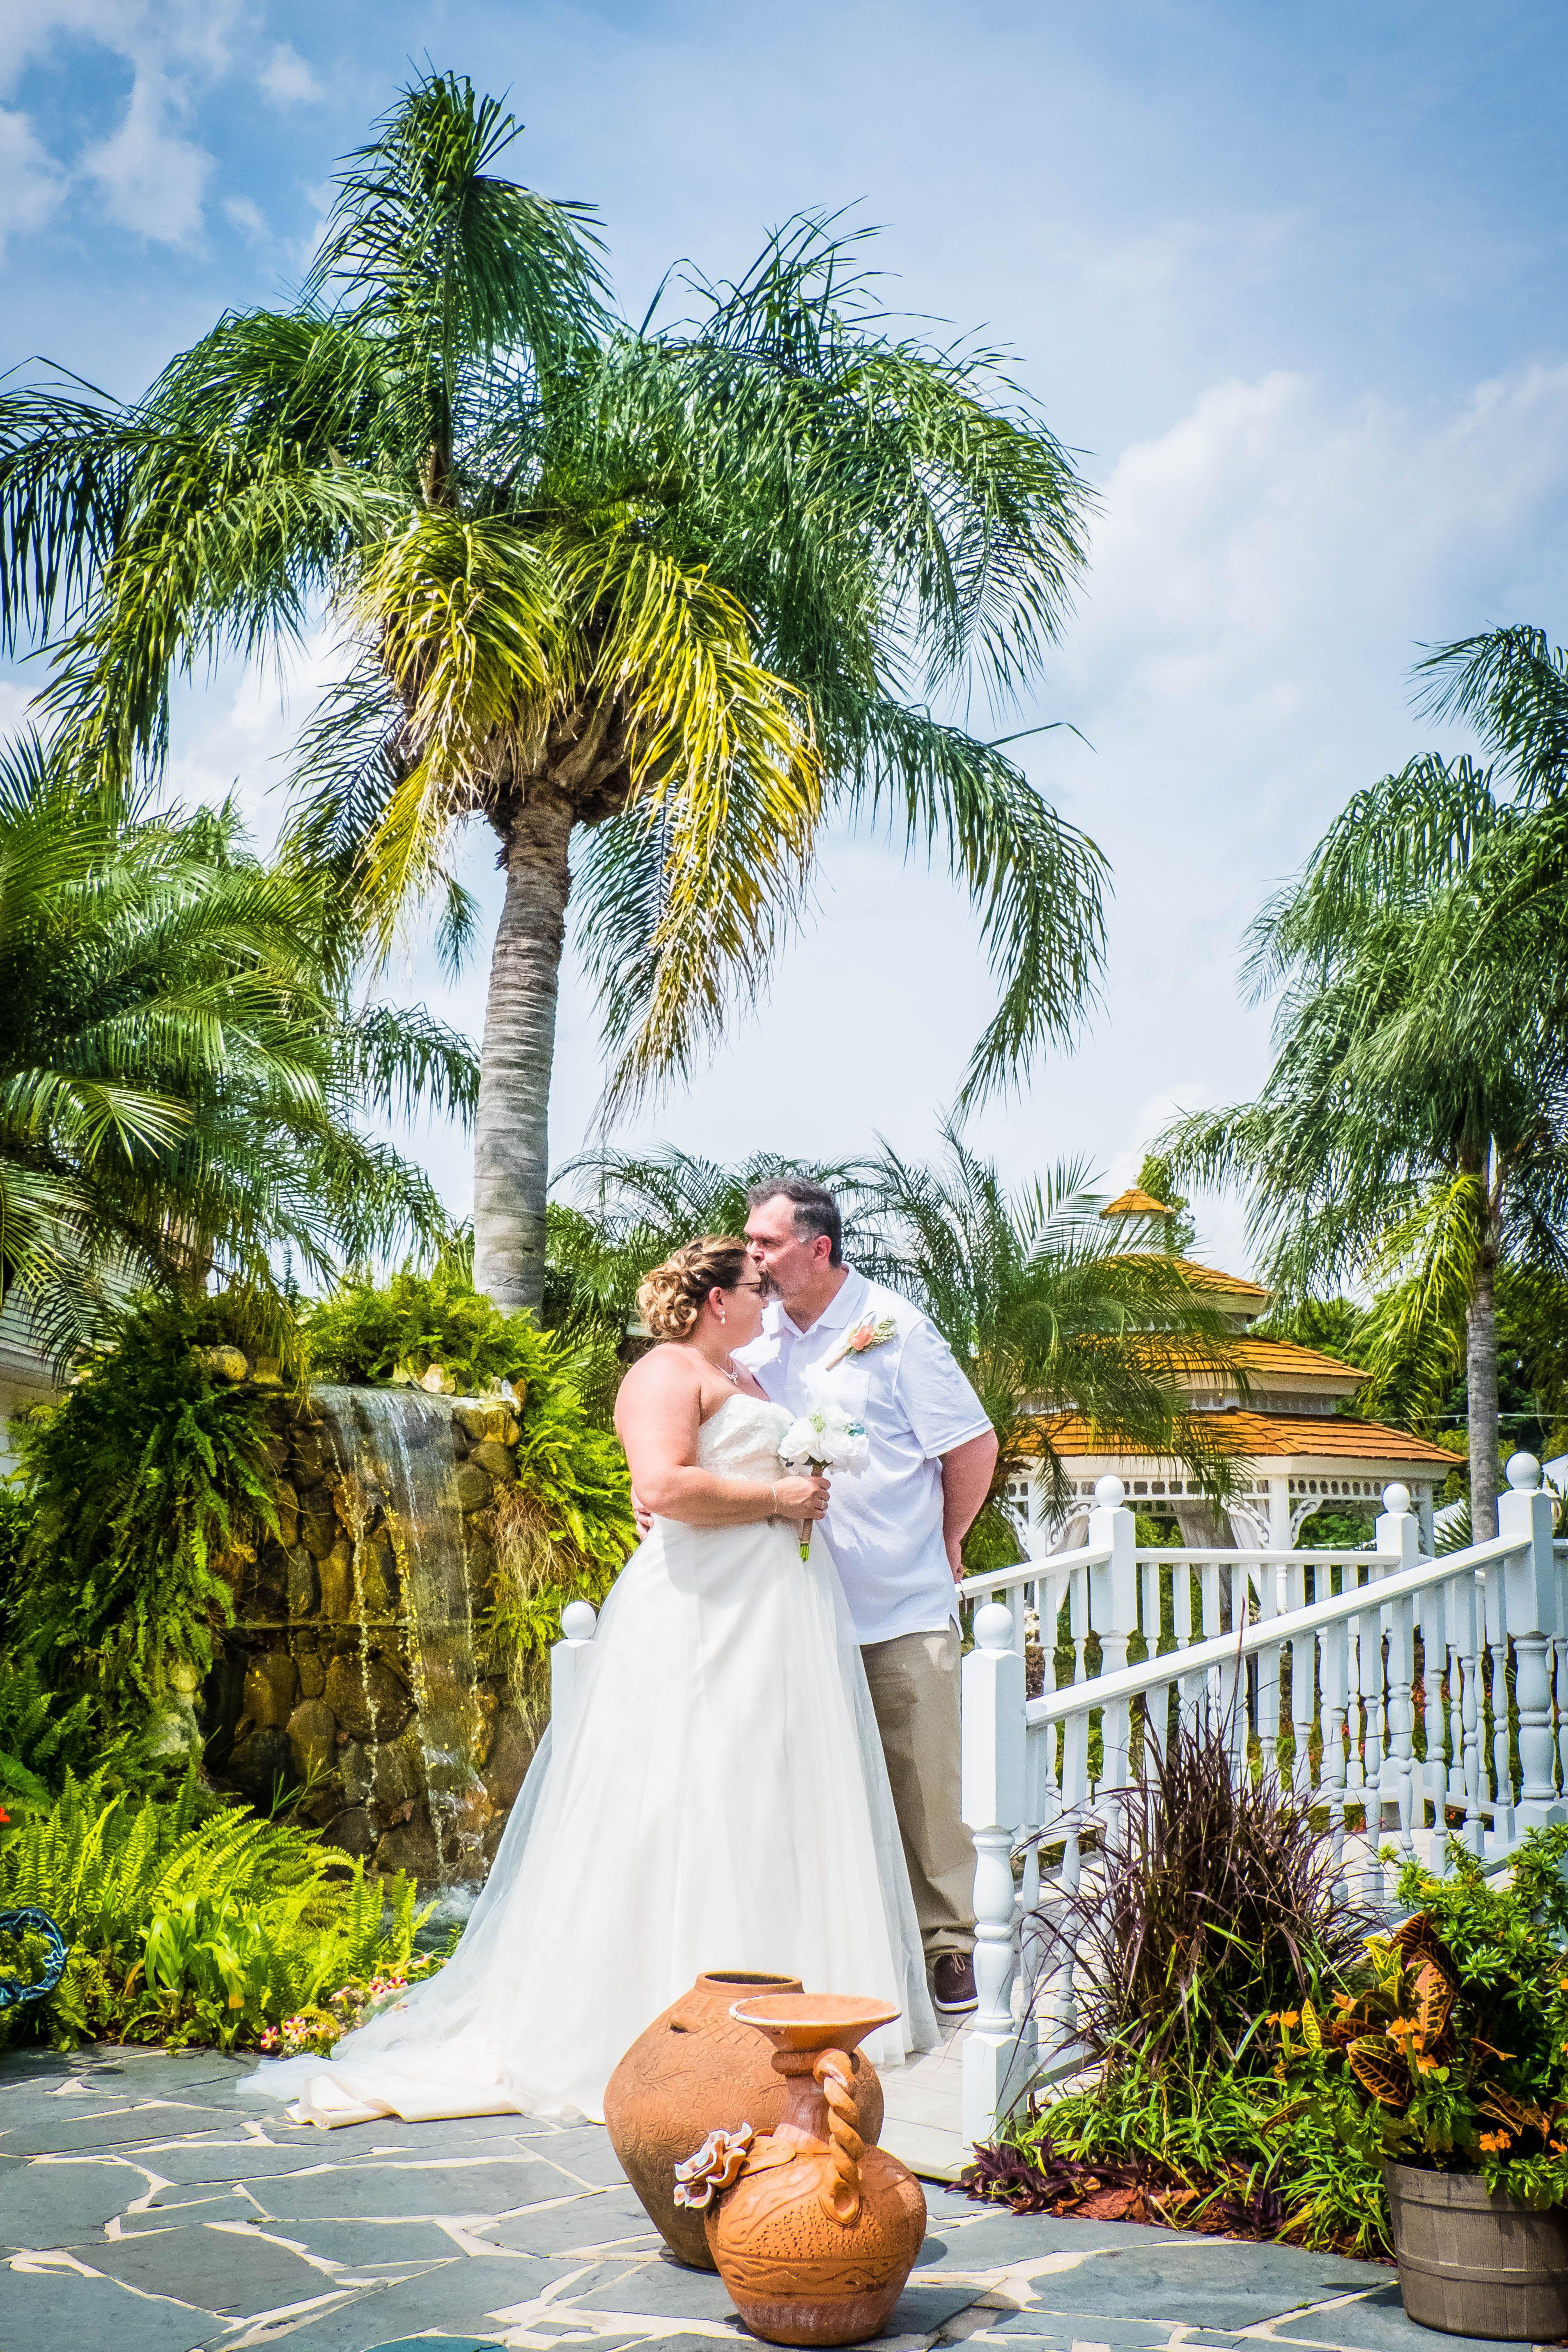 Wedding Chapel Photography The Little Wedding Chapel Eustis Fl Chapel Wedding Orlando Photographers Wedding Photographers